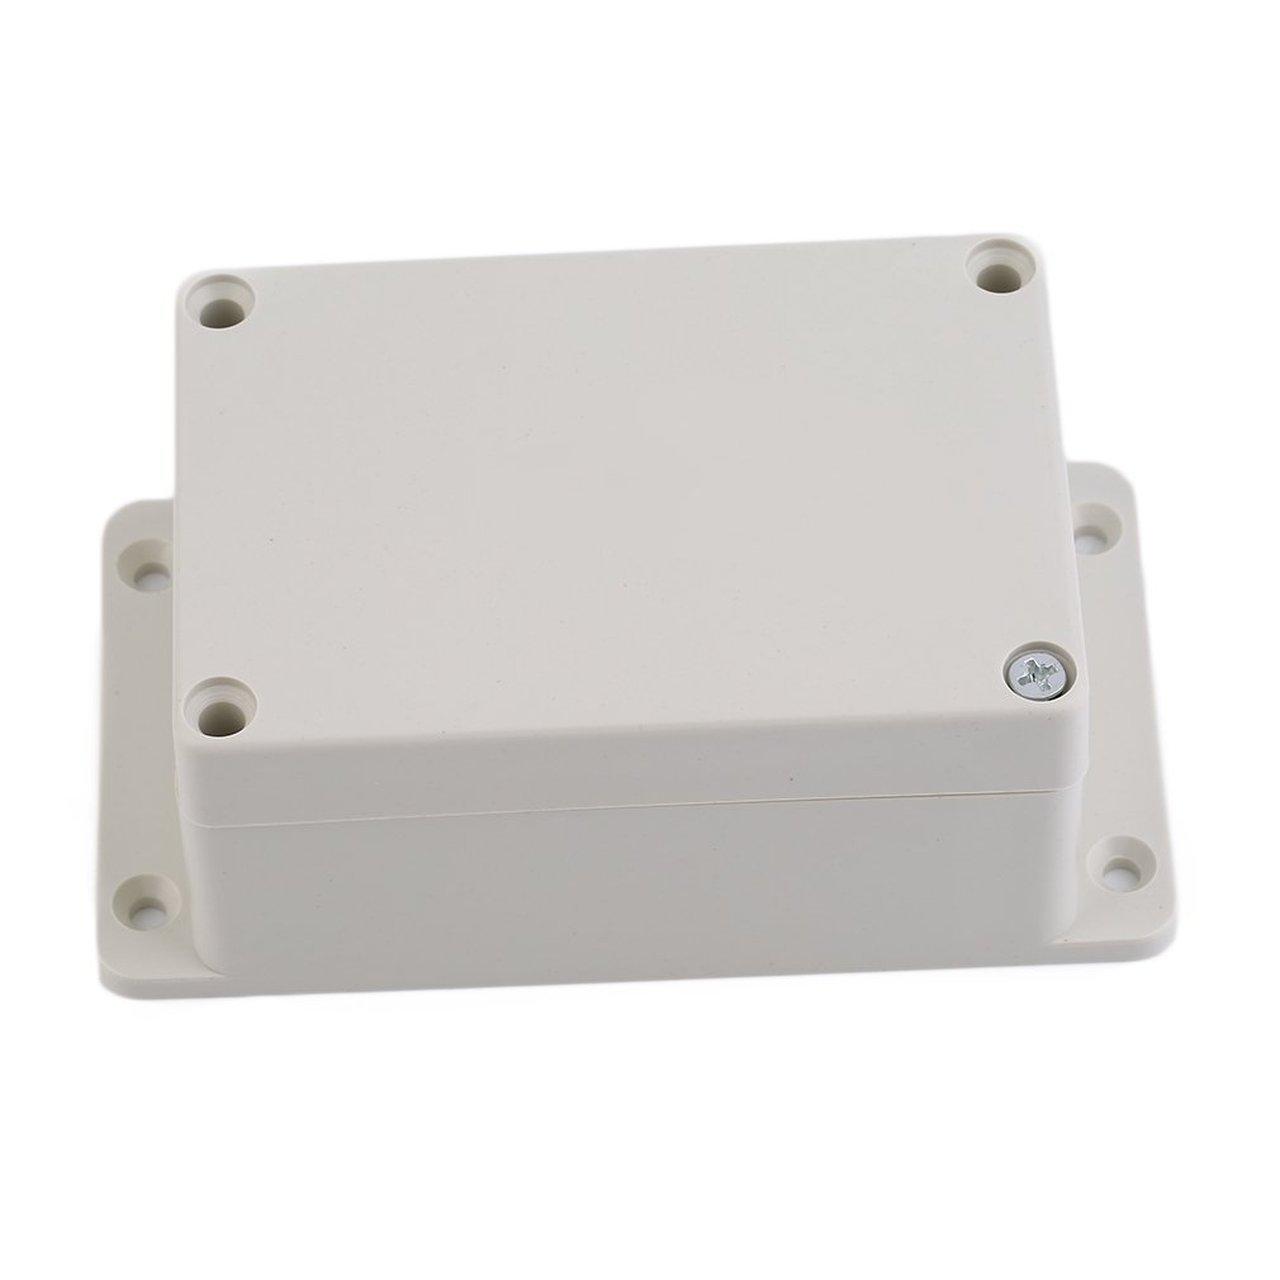 Bo/îtier de bo/îtier de bo/îtier de projet /électronique en plastique /étanche de 100 x 68 x 50 mm